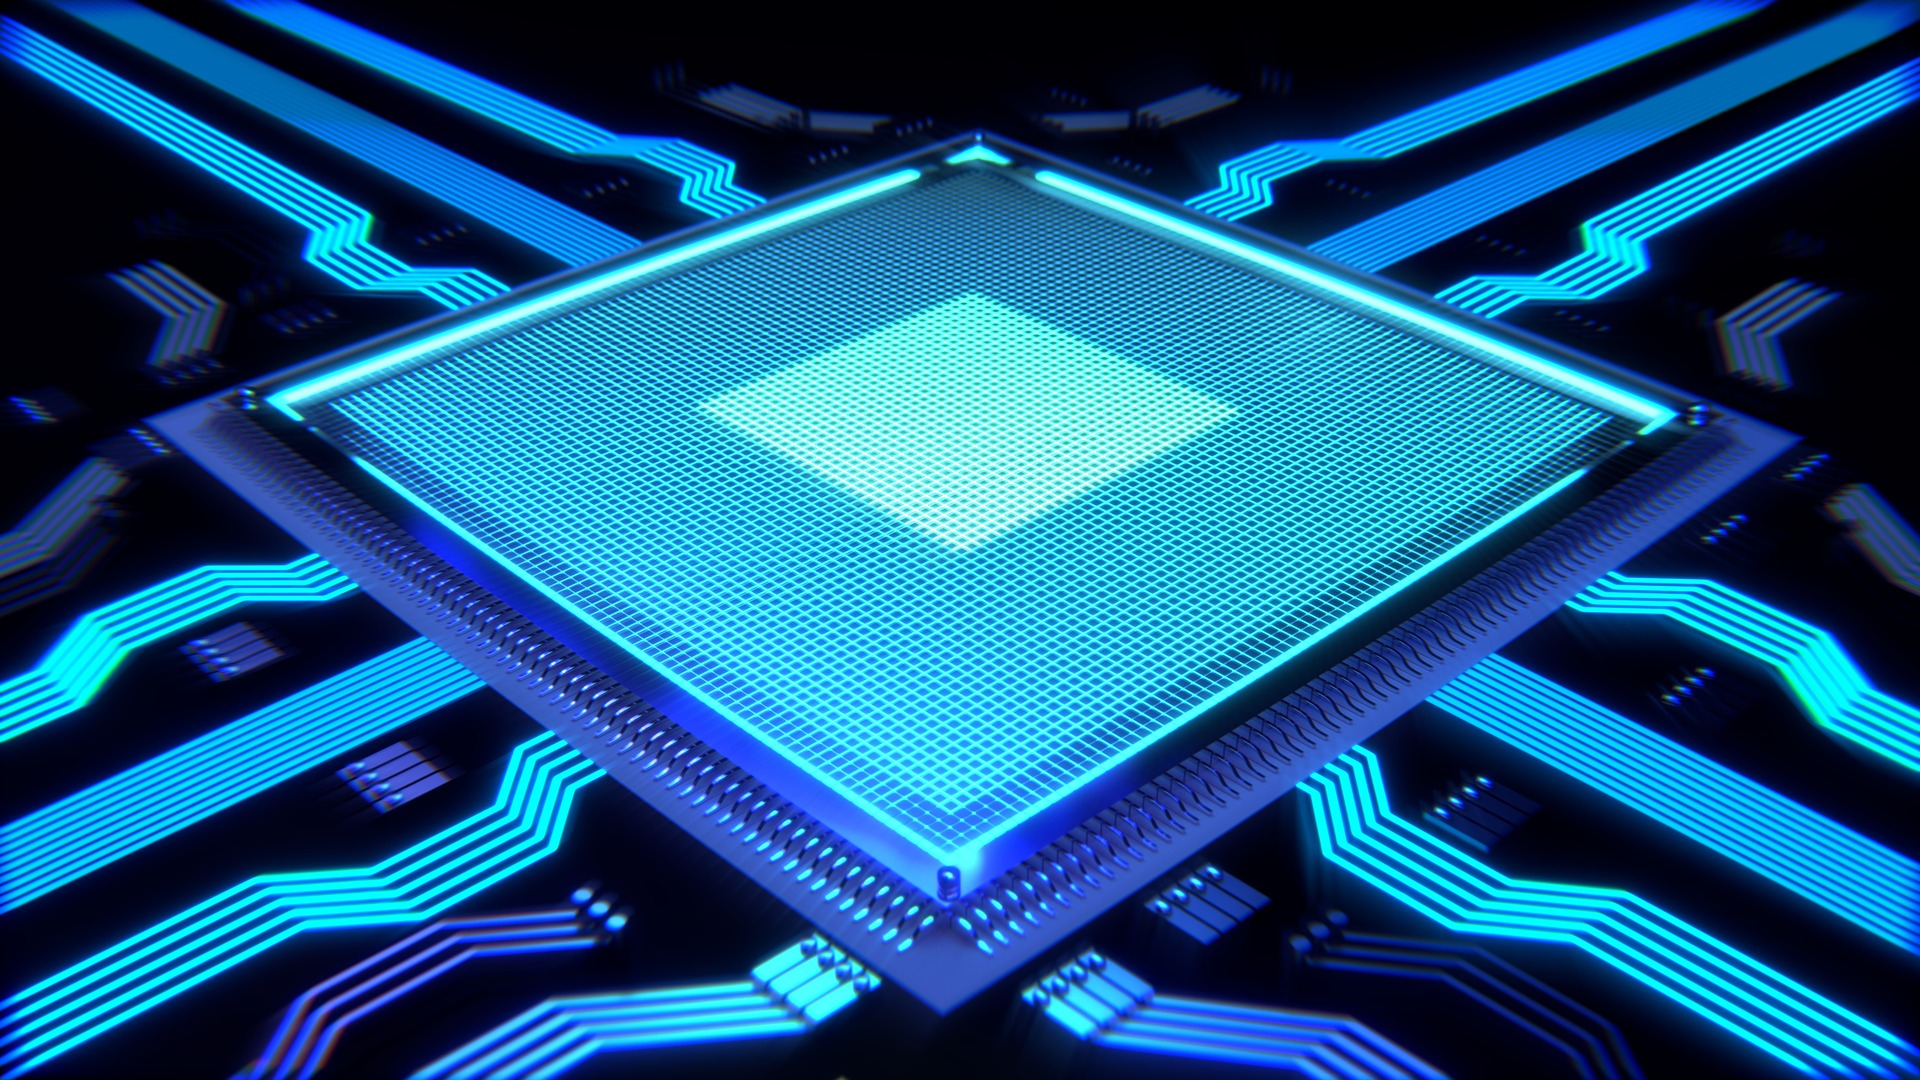 Inteligência Artificial muitos não sabem que é uma realidade em suas vidas